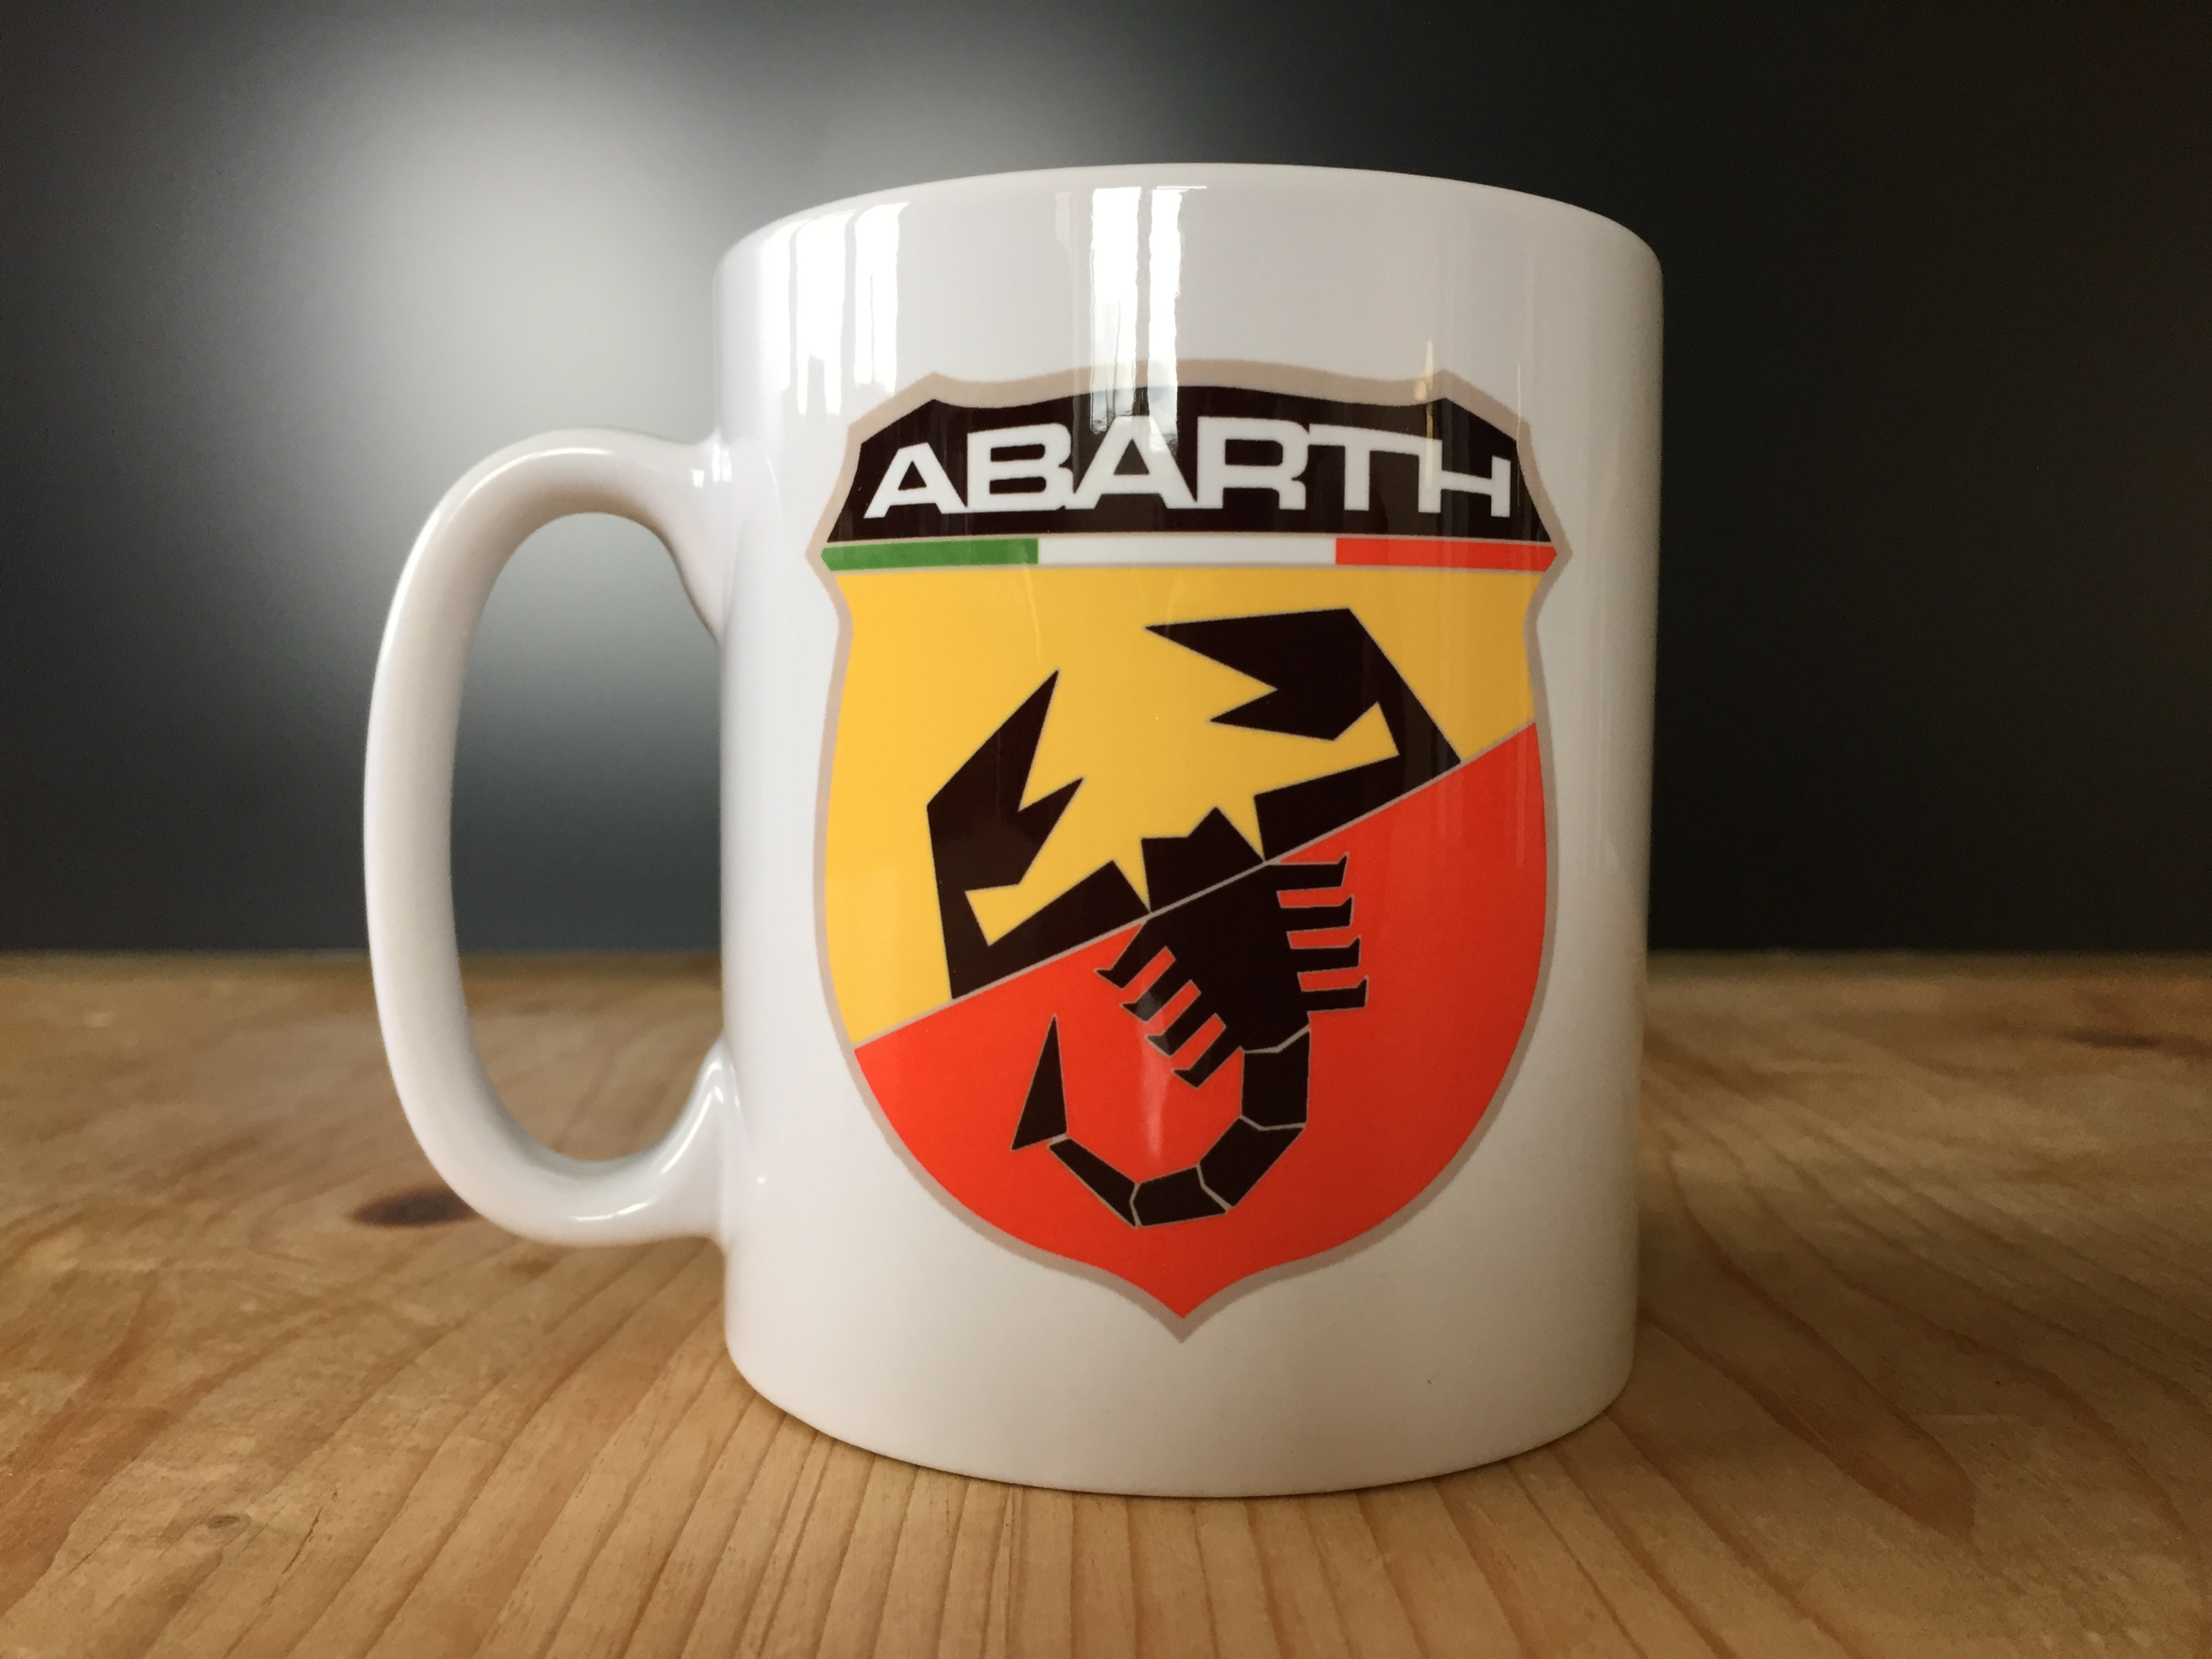 Fiat Abarth 500 Mug